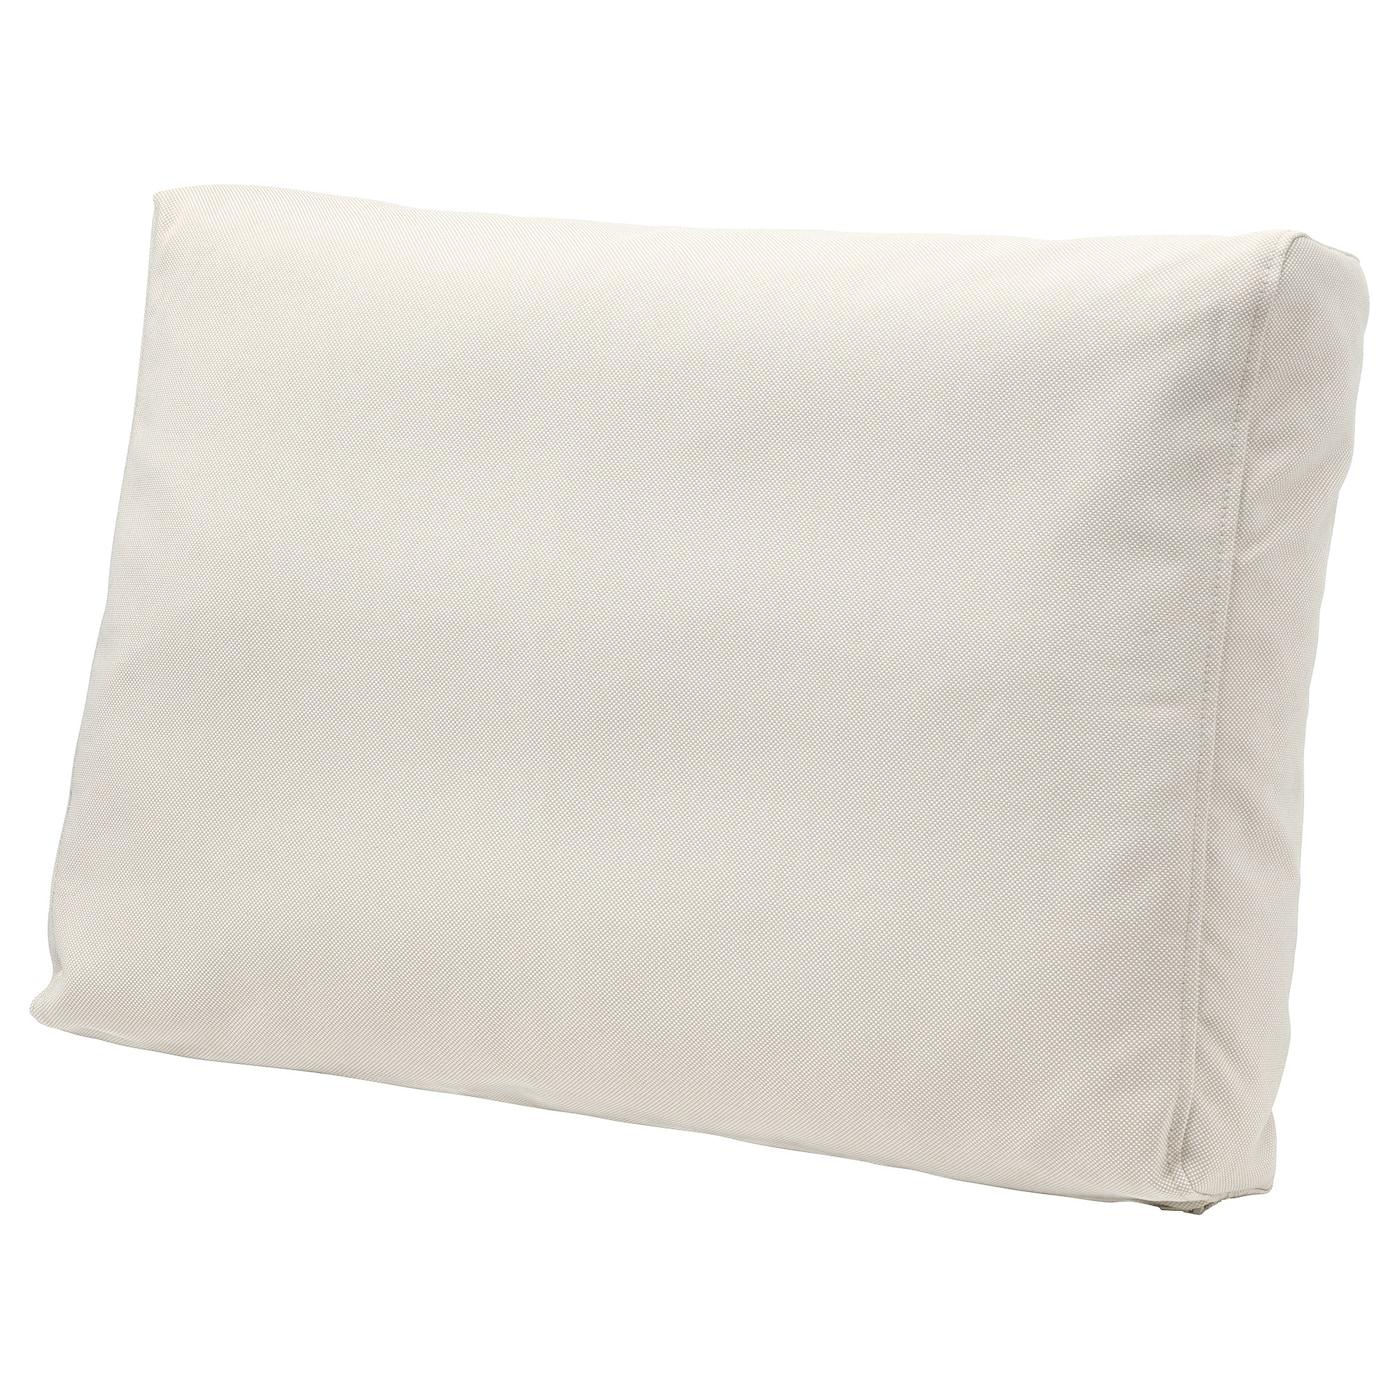 Froson Duvholmen Back Cushion Outdoor Beige 62 X 44 Cm Ikea